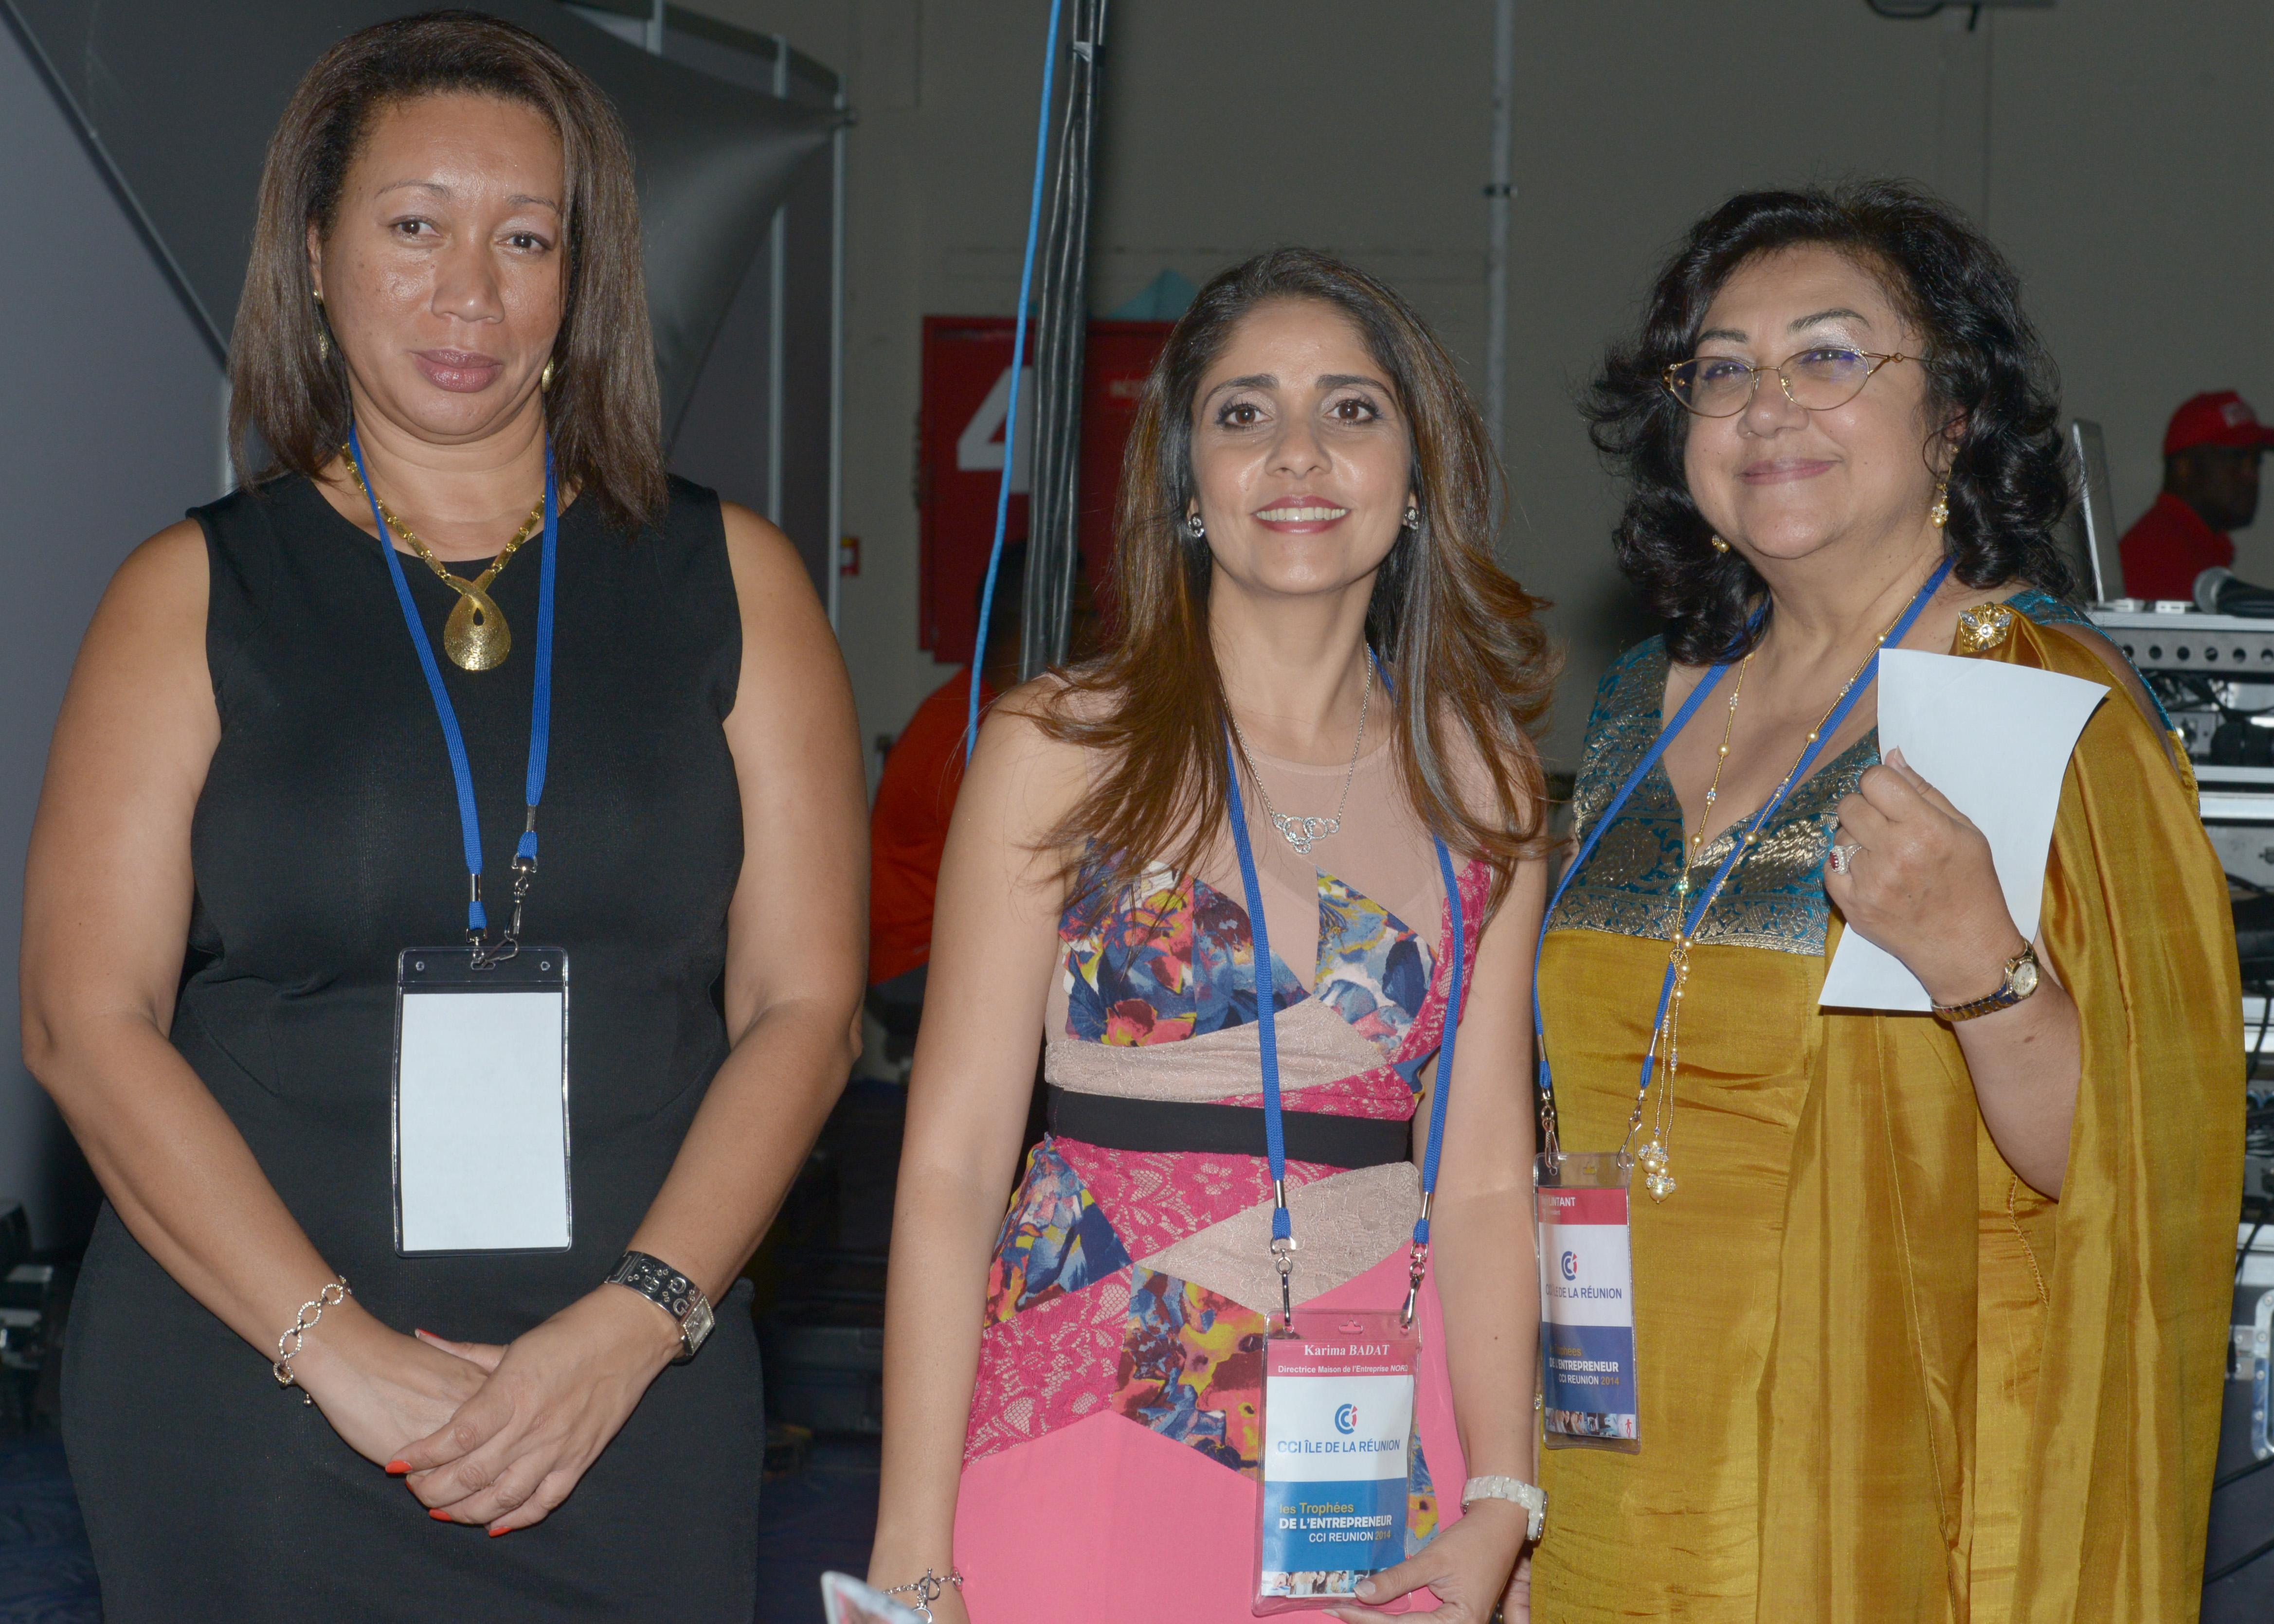 Sophie Jeannette, directrice Pôle Entreprises, Karima Badat, directrice Maison Entreprise Nord et Nadira Lintant, chargée Relations externes Cabinet Présidence